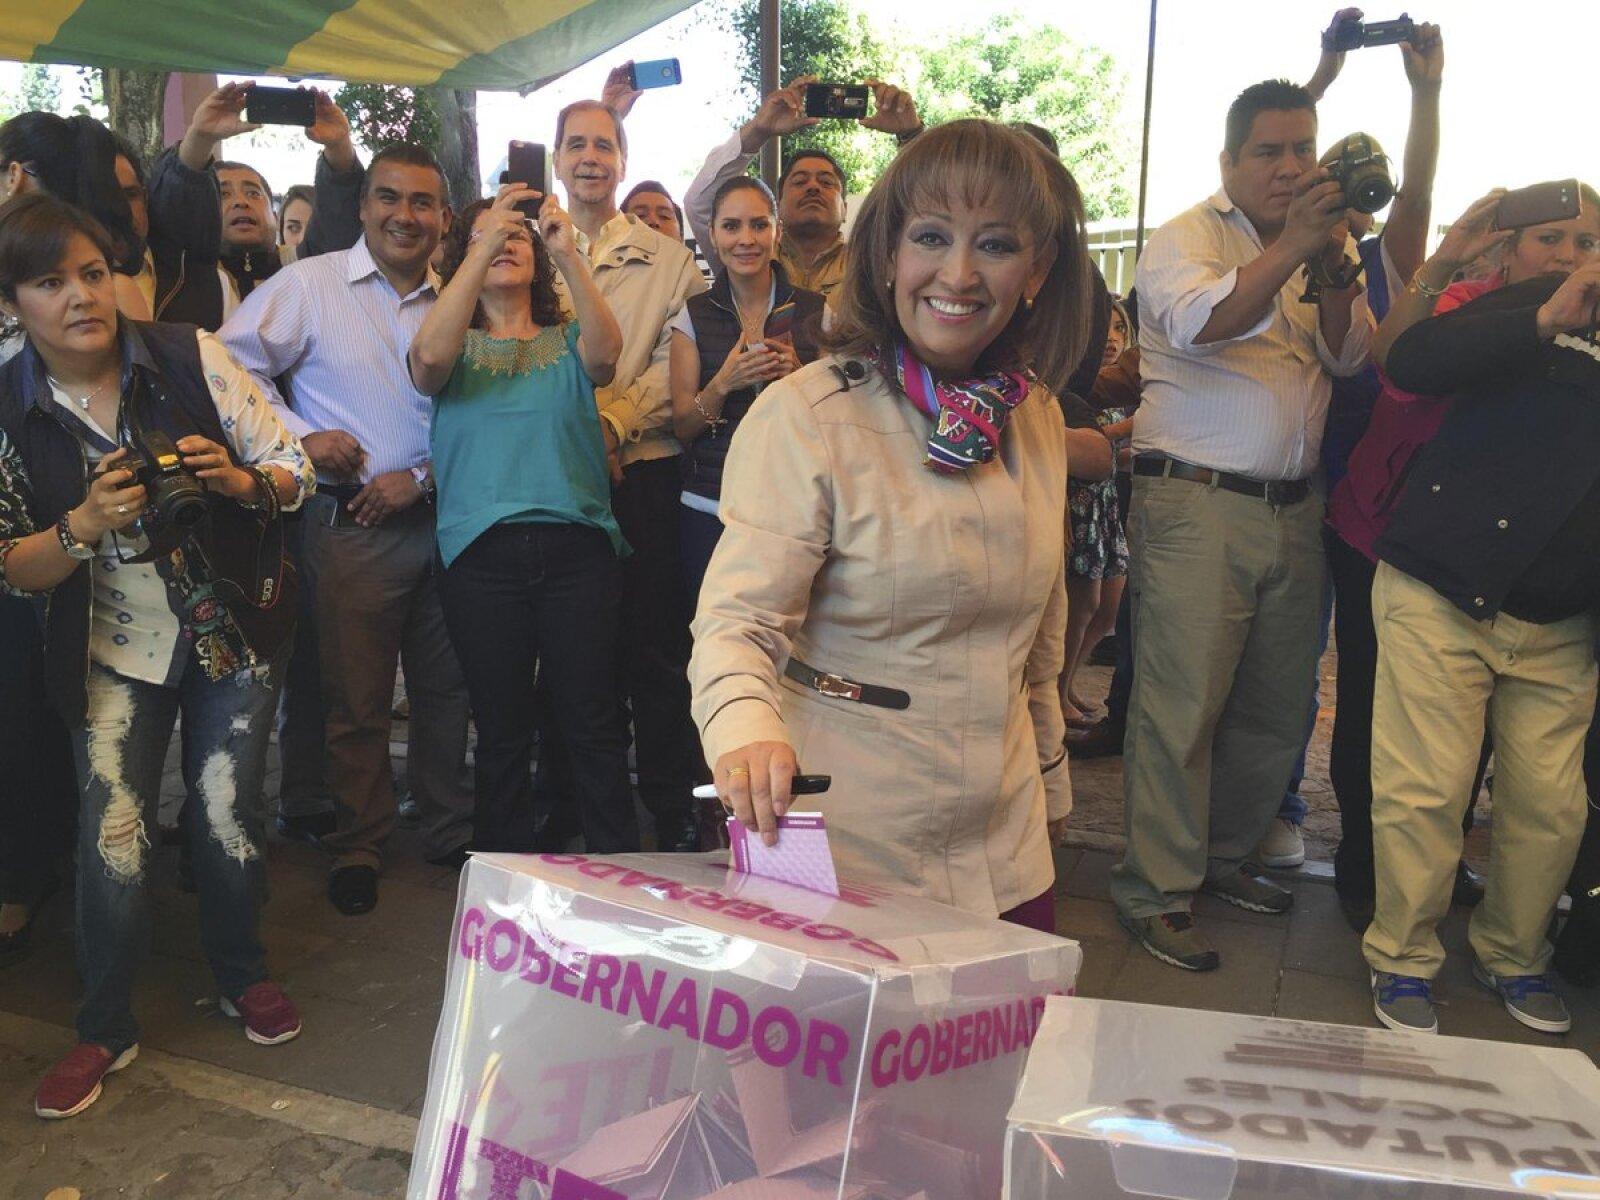 Una de las más entusiastas al momento de emitir su voto fue Lorena Cuellar, candidata del PRD en Tlaxcala, confía en ganar el favor de los electores durante la jornada.